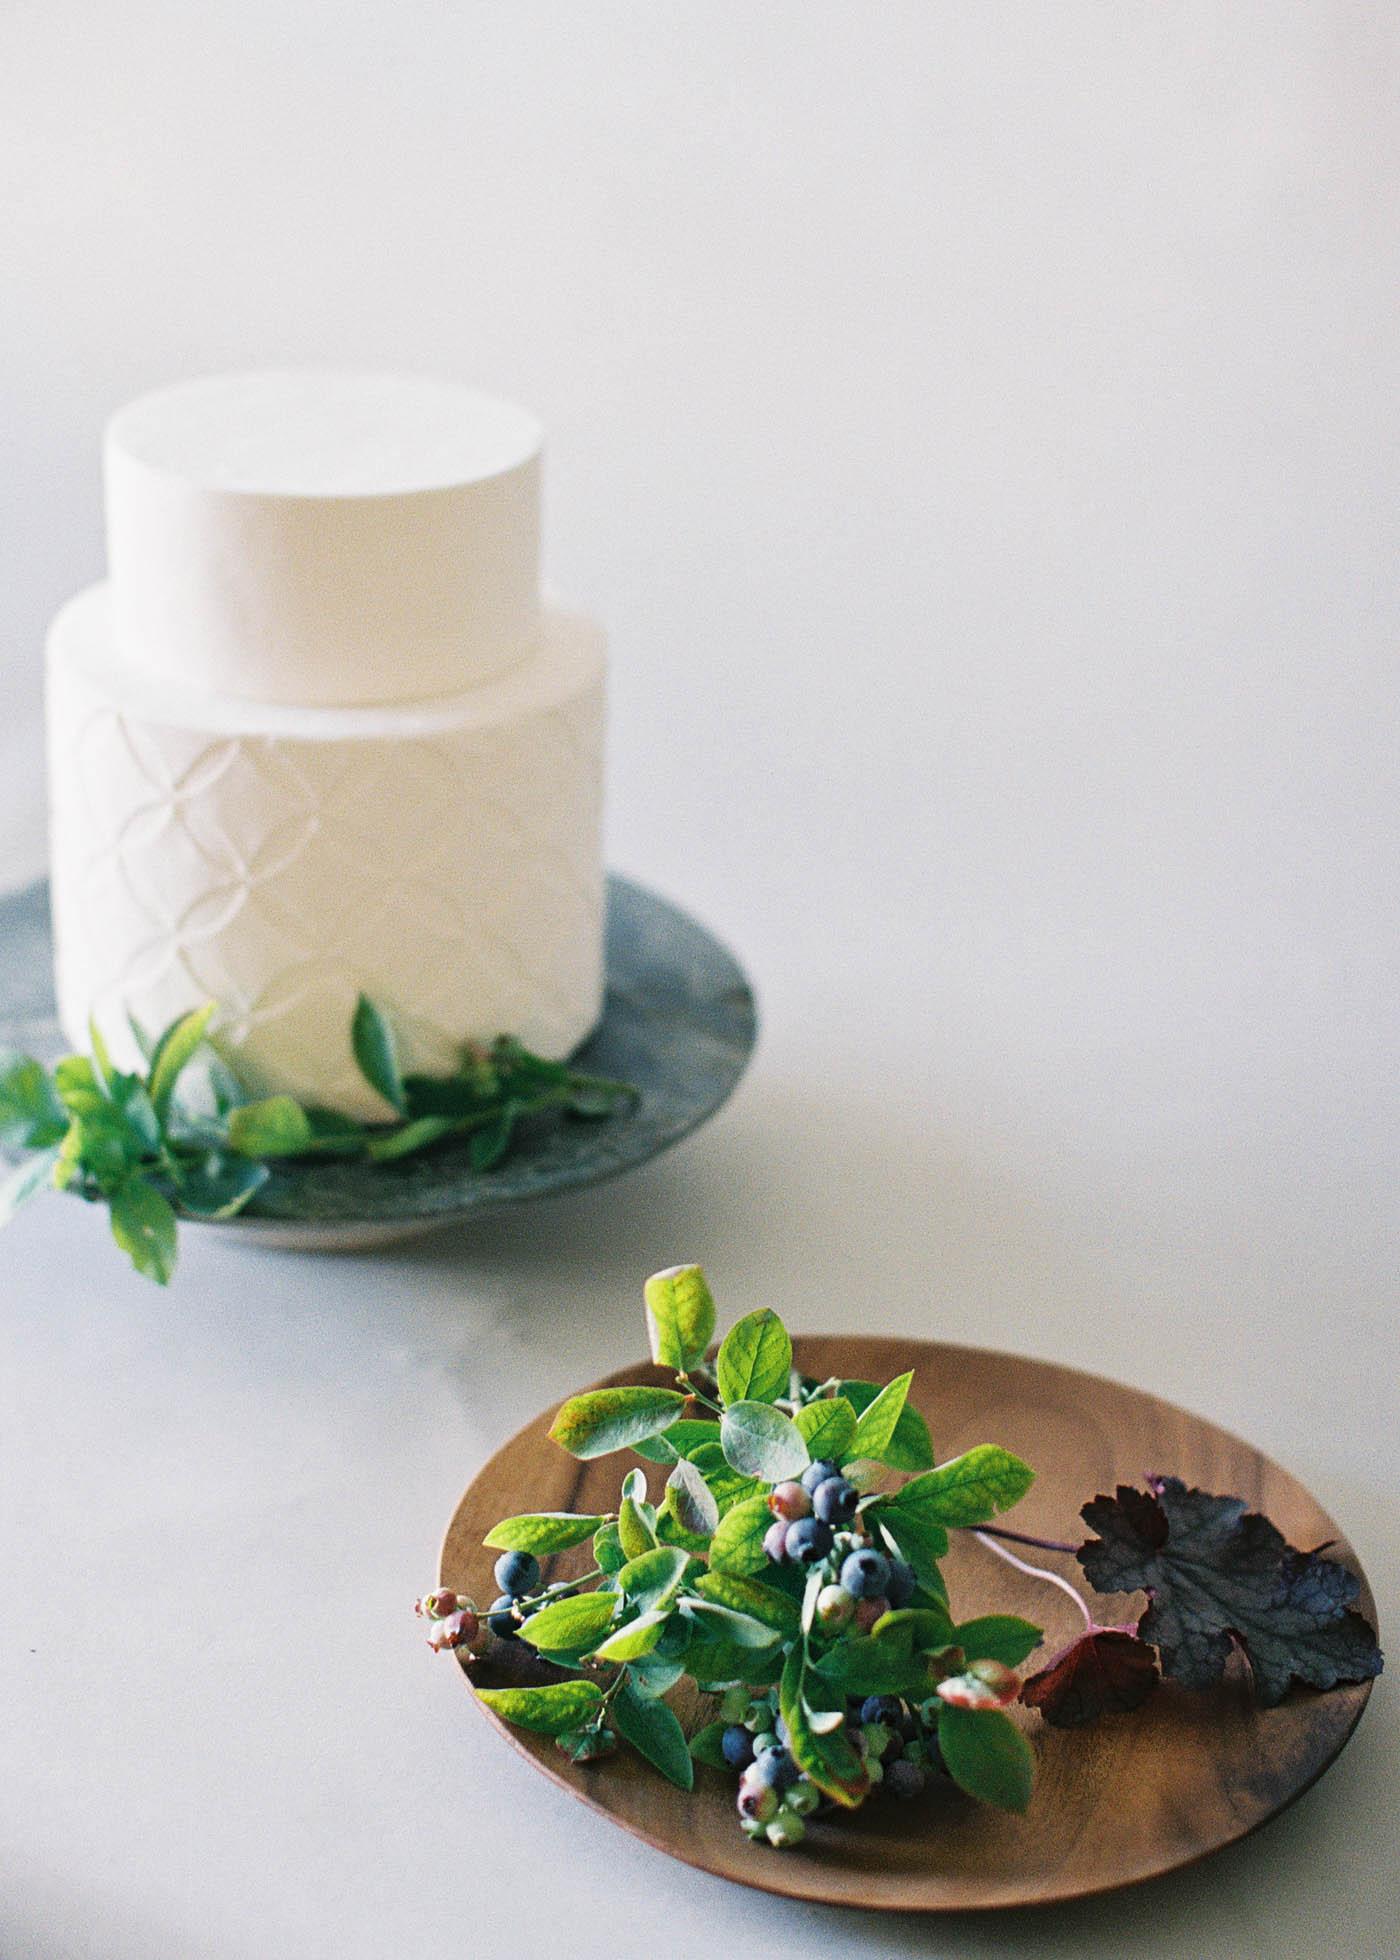 Cake-Favorites-25-Jen_Huang-000486-R1-005-1.jpg